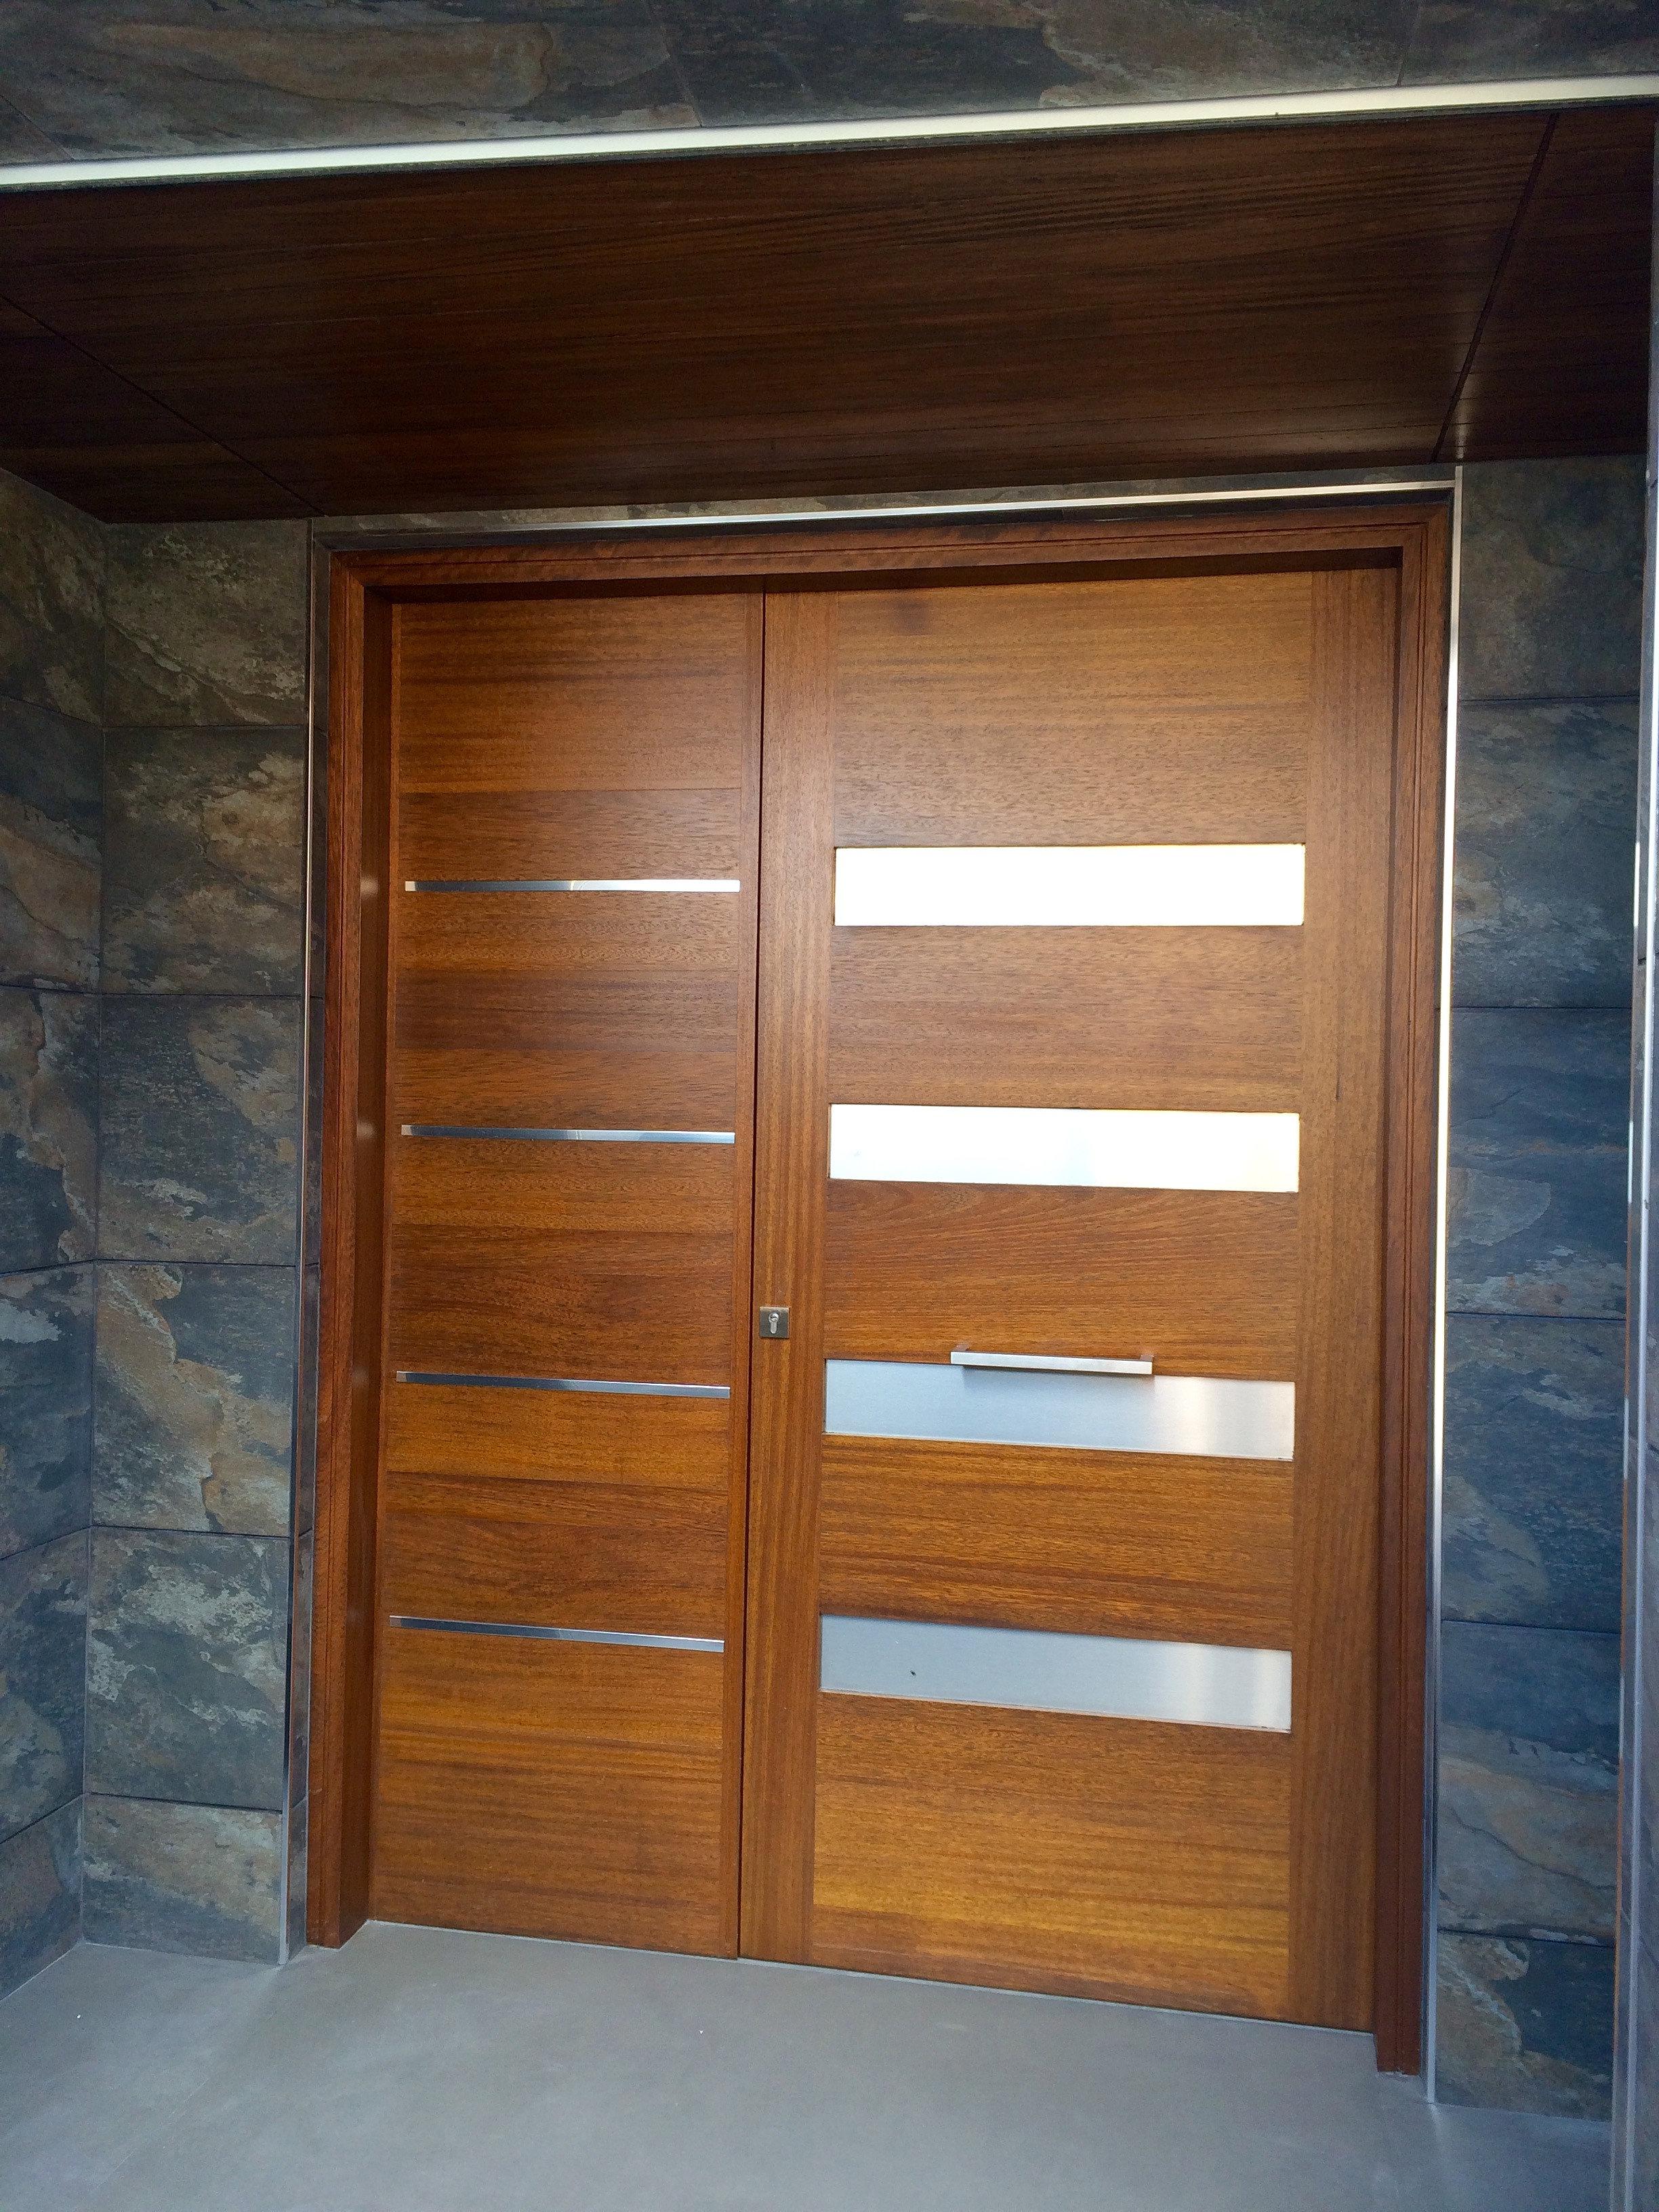 Puerta entrada madera elegant puerta exterior de madera for Puertas entrada madera maciza precios